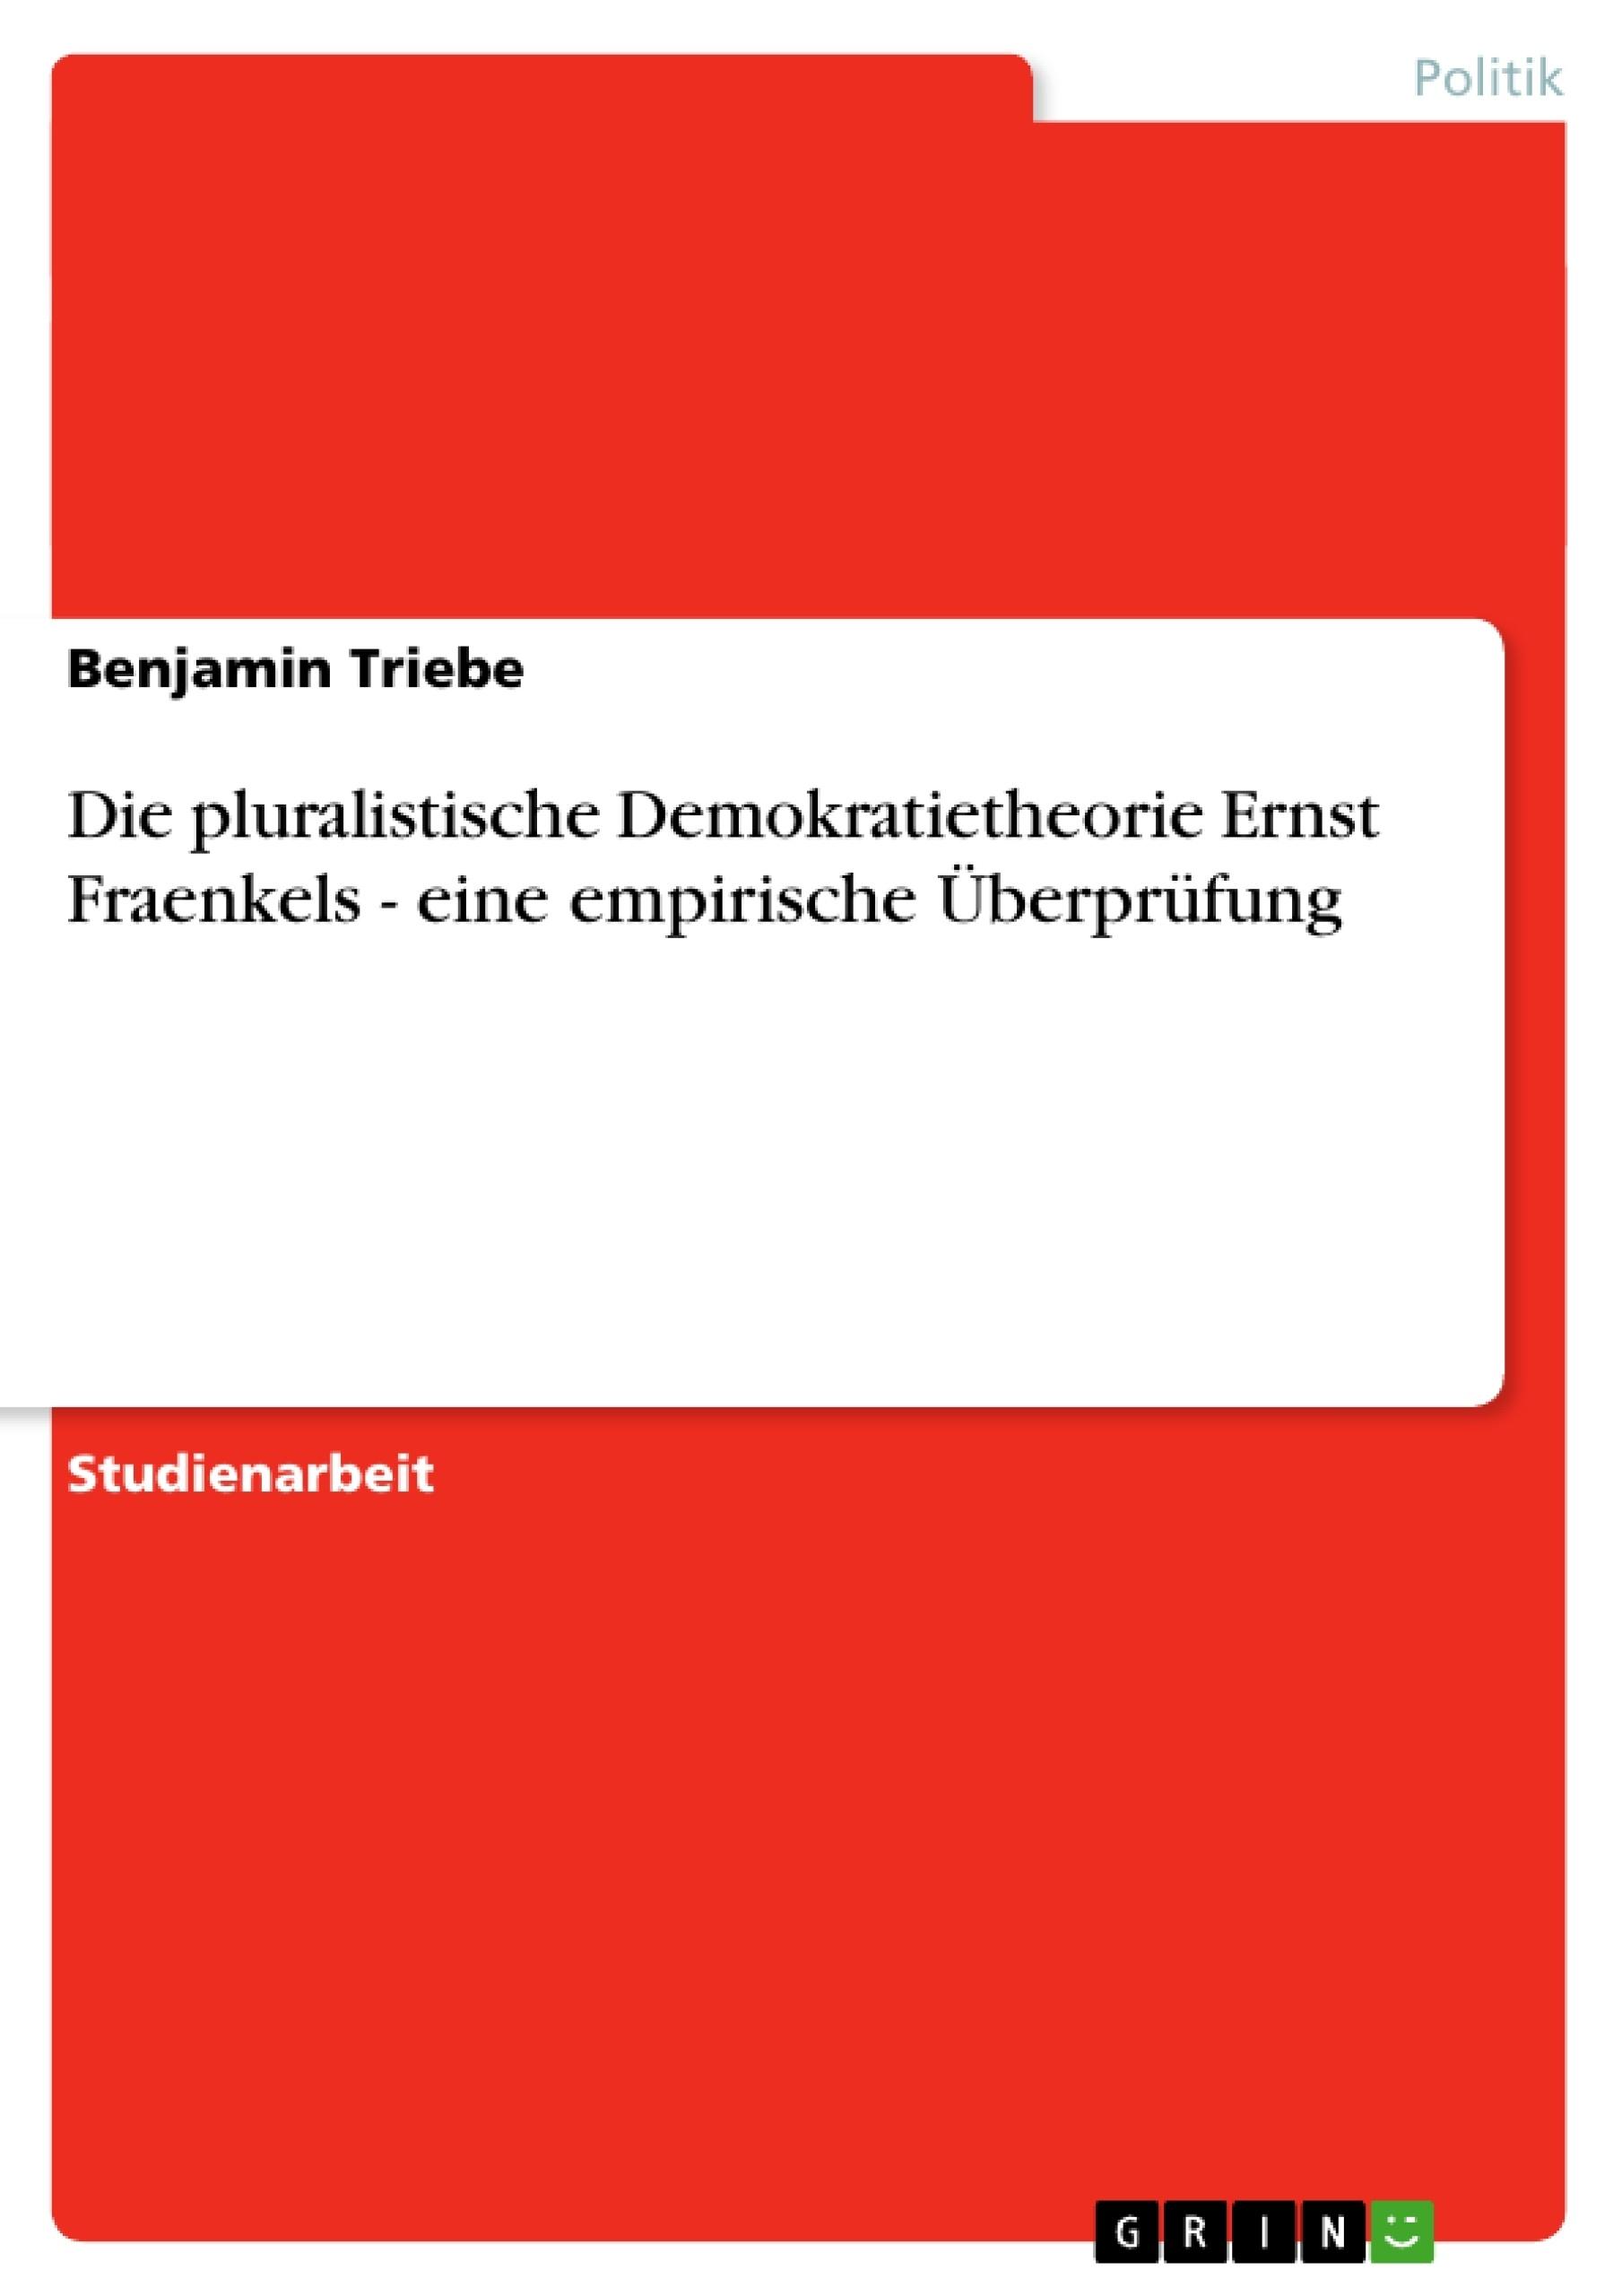 Titel: Die pluralistische Demokratietheorie Ernst Fraenkels - eine empirische Überprüfung